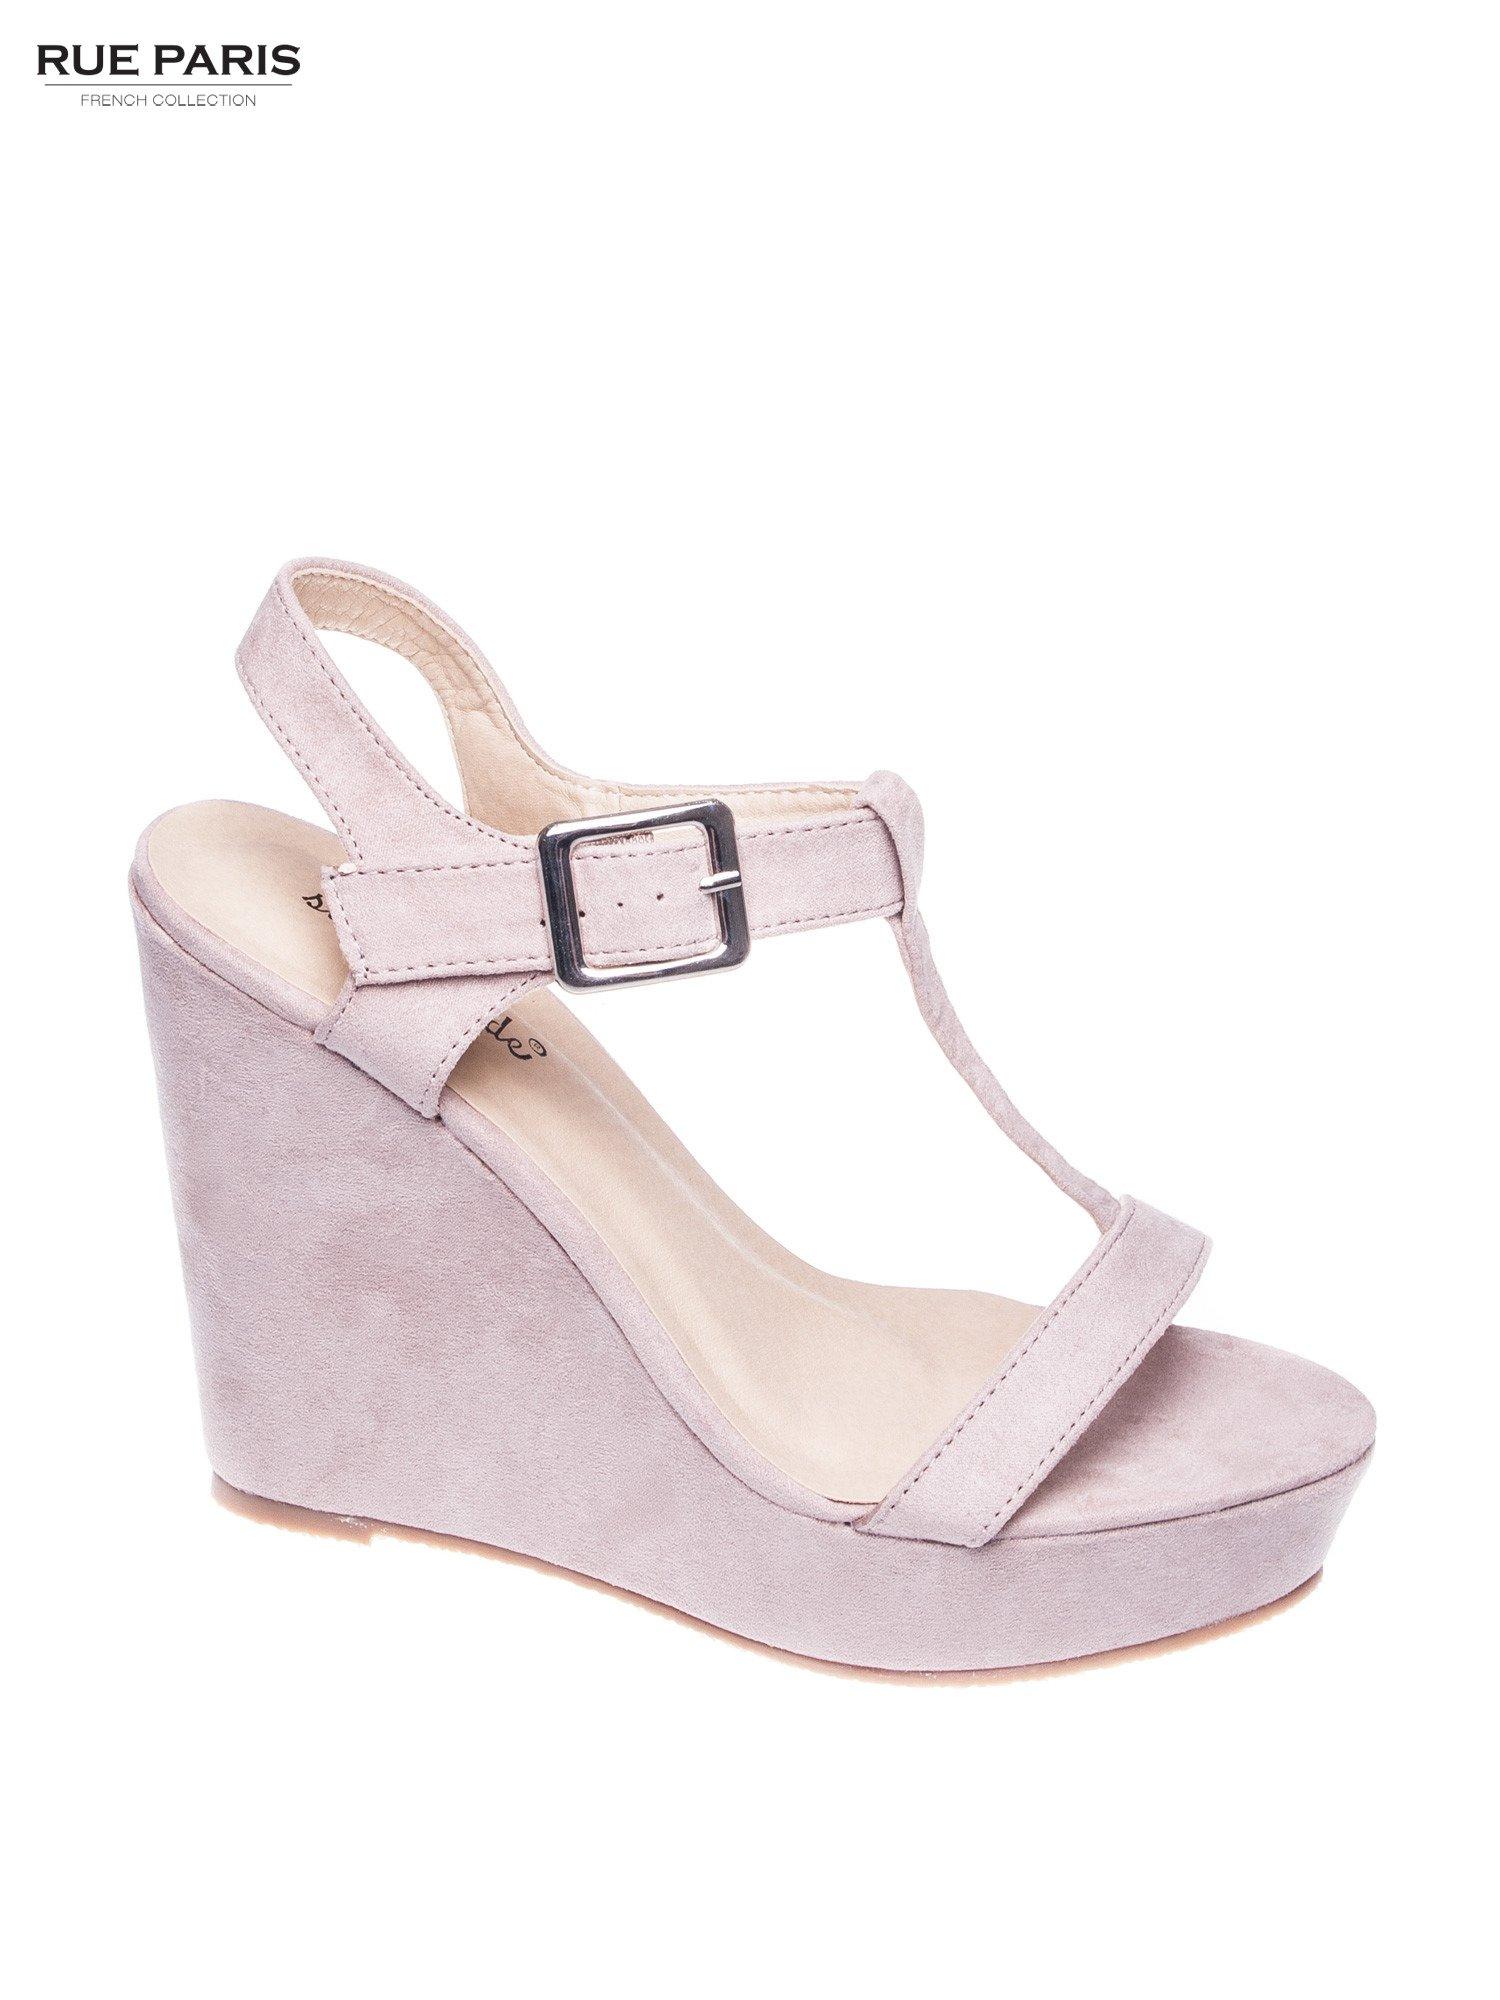 Beżowe zamszowe sandały t-bary na koturnie                                  zdj.                                  1